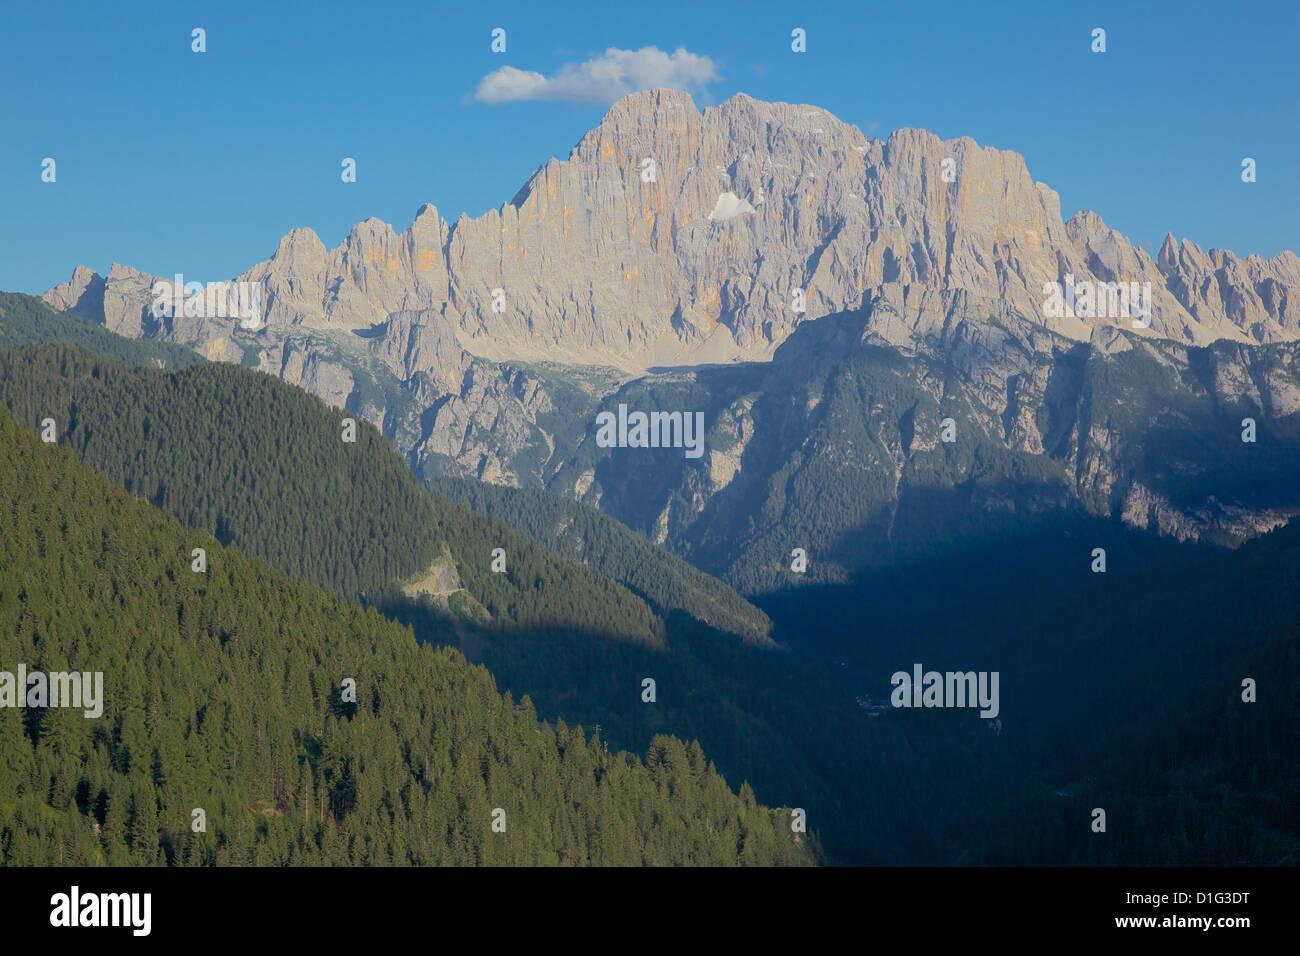 Passo Tre Croci, Provincia di Belluno, Veneto, Dolomiti italiane, Italia, Europa Immagini Stock